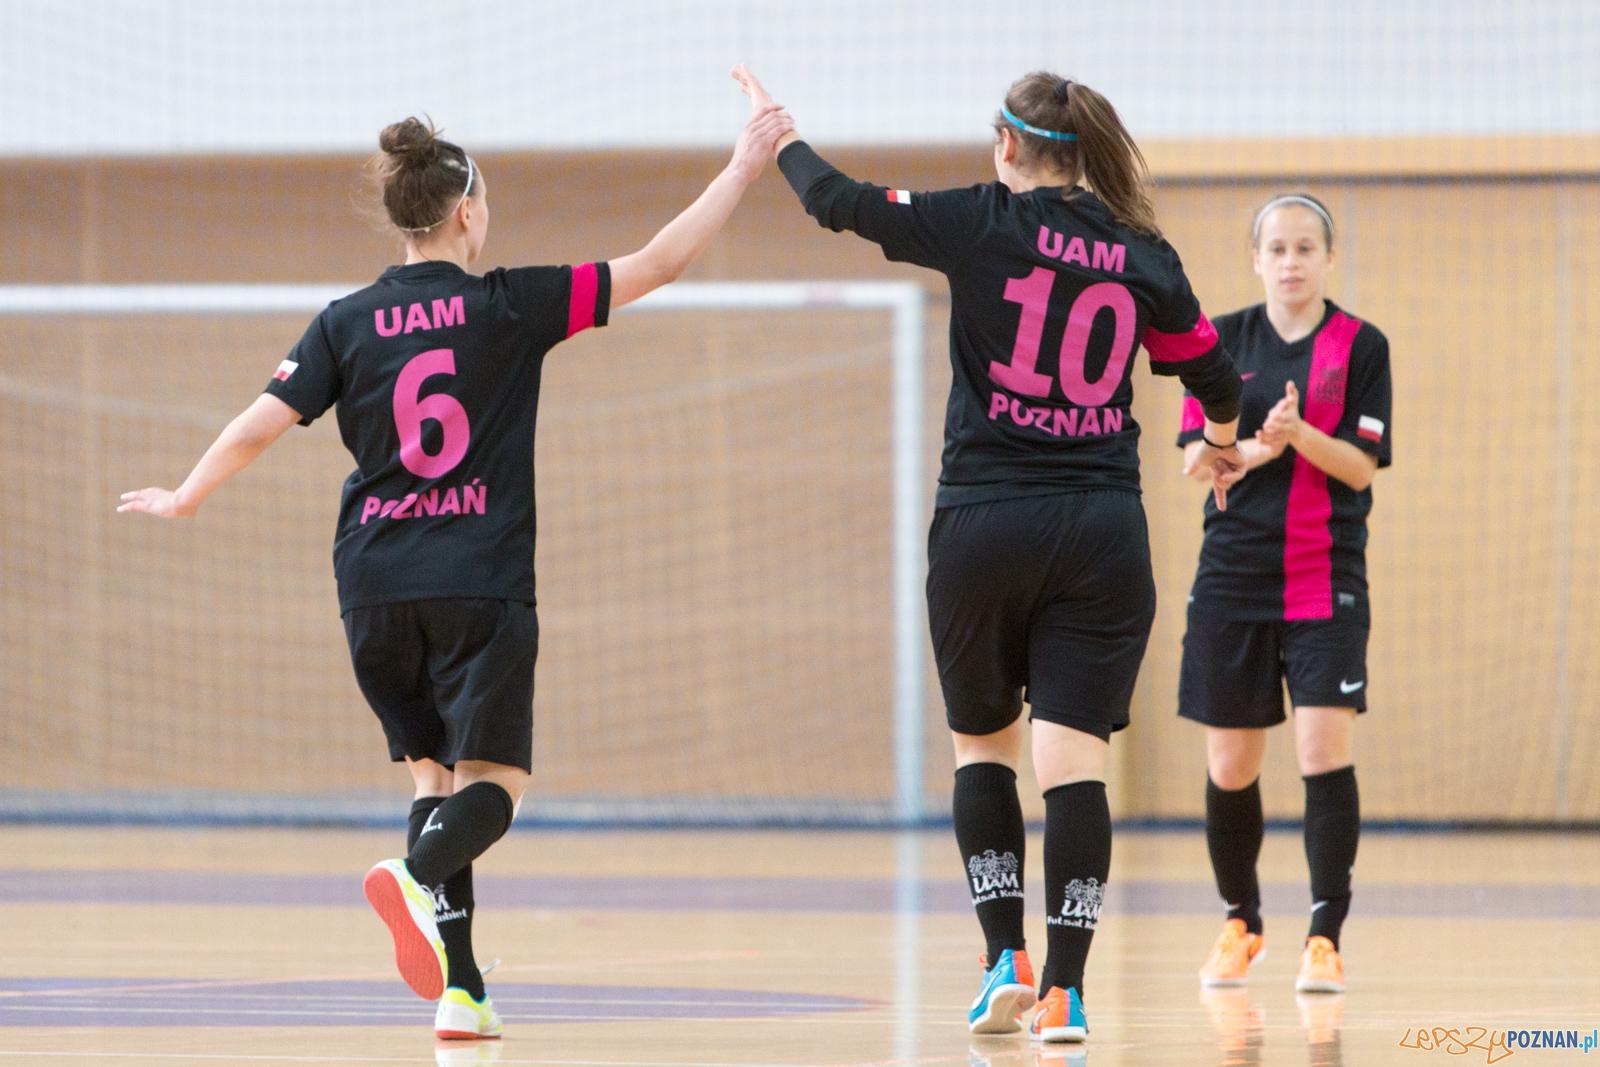 I Międzynarodowy Turniej w Futsalu Kobiet  Foto: lepszyPOZNAN.pl / Piotr Rychter